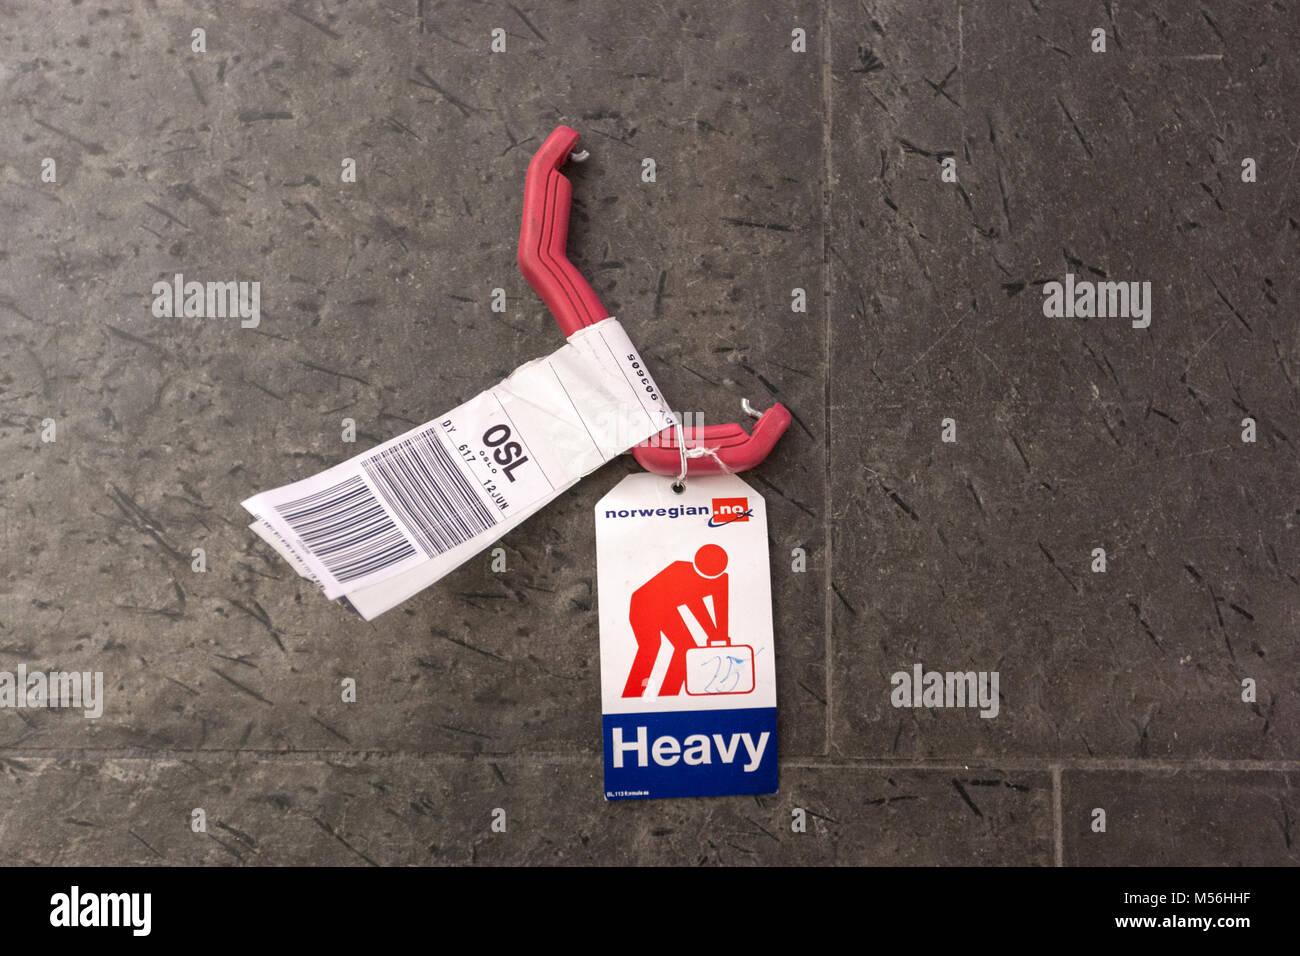 Baggage handle broken with Heavy tag in Oslo Airport, Gardermoen, Oslo, Norway Stock Photo